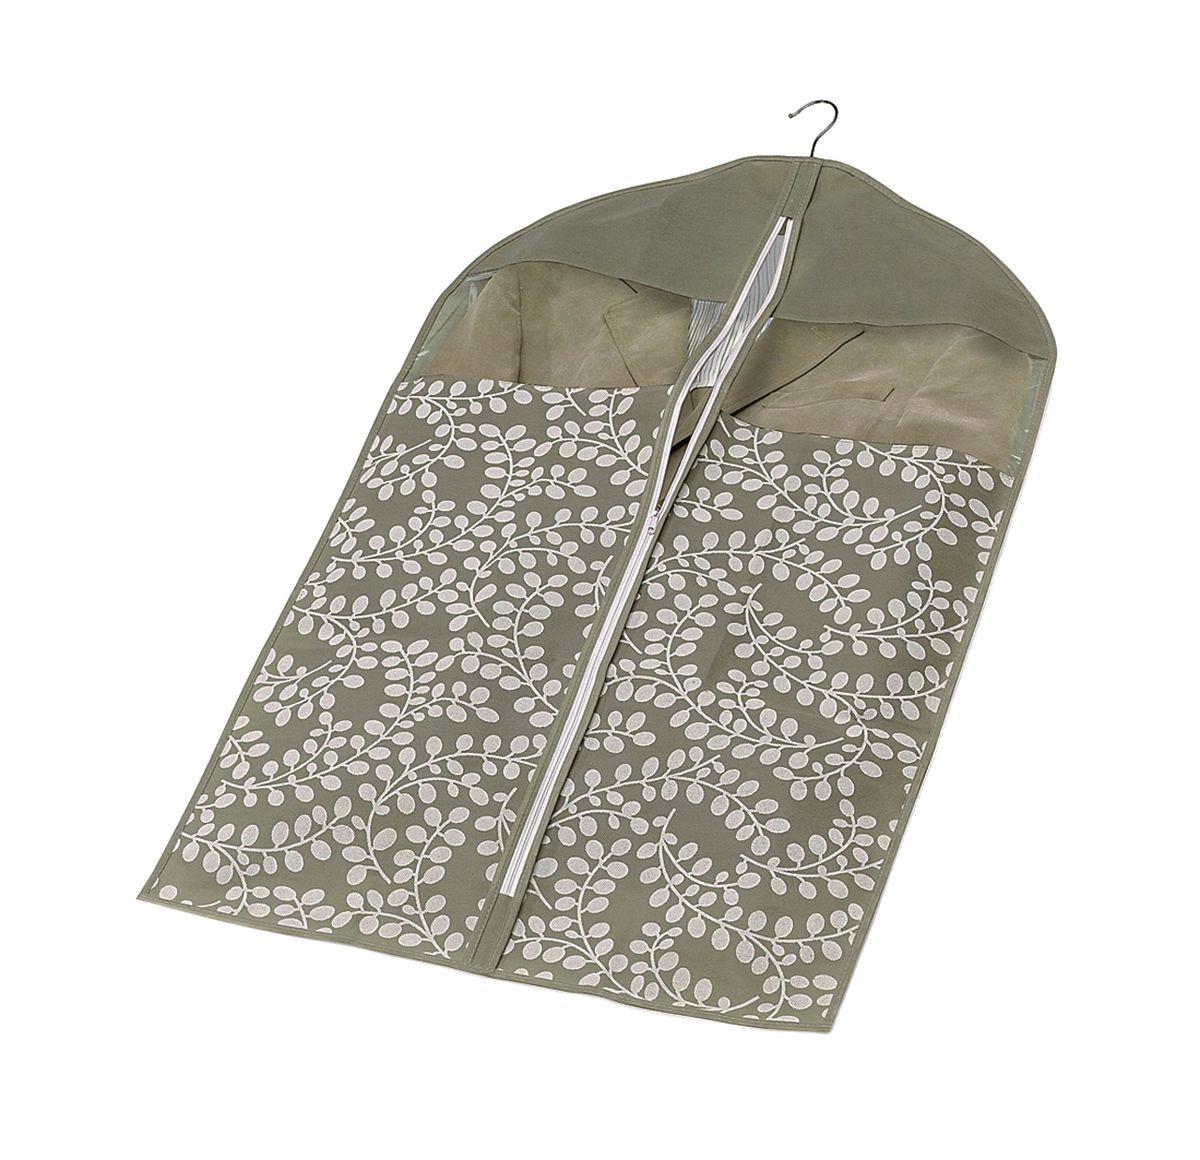 Чехол для пиджака с молнией 100*60см Флораль. COVLCATF20COVLCATF20Легкий чехол из дышащего нетканого материала (полипропилен), безопасного в использовании, для курток, пиджаков и жакетов. Имеет два прозрачных окна, замок и специальное отверстие для крючка вешалки. Материал можно протирать в случае загрязнения влажной салфеткой или тряпкой. Надежно защищает от пыли, моли, солнечных лучей и загрязнения.